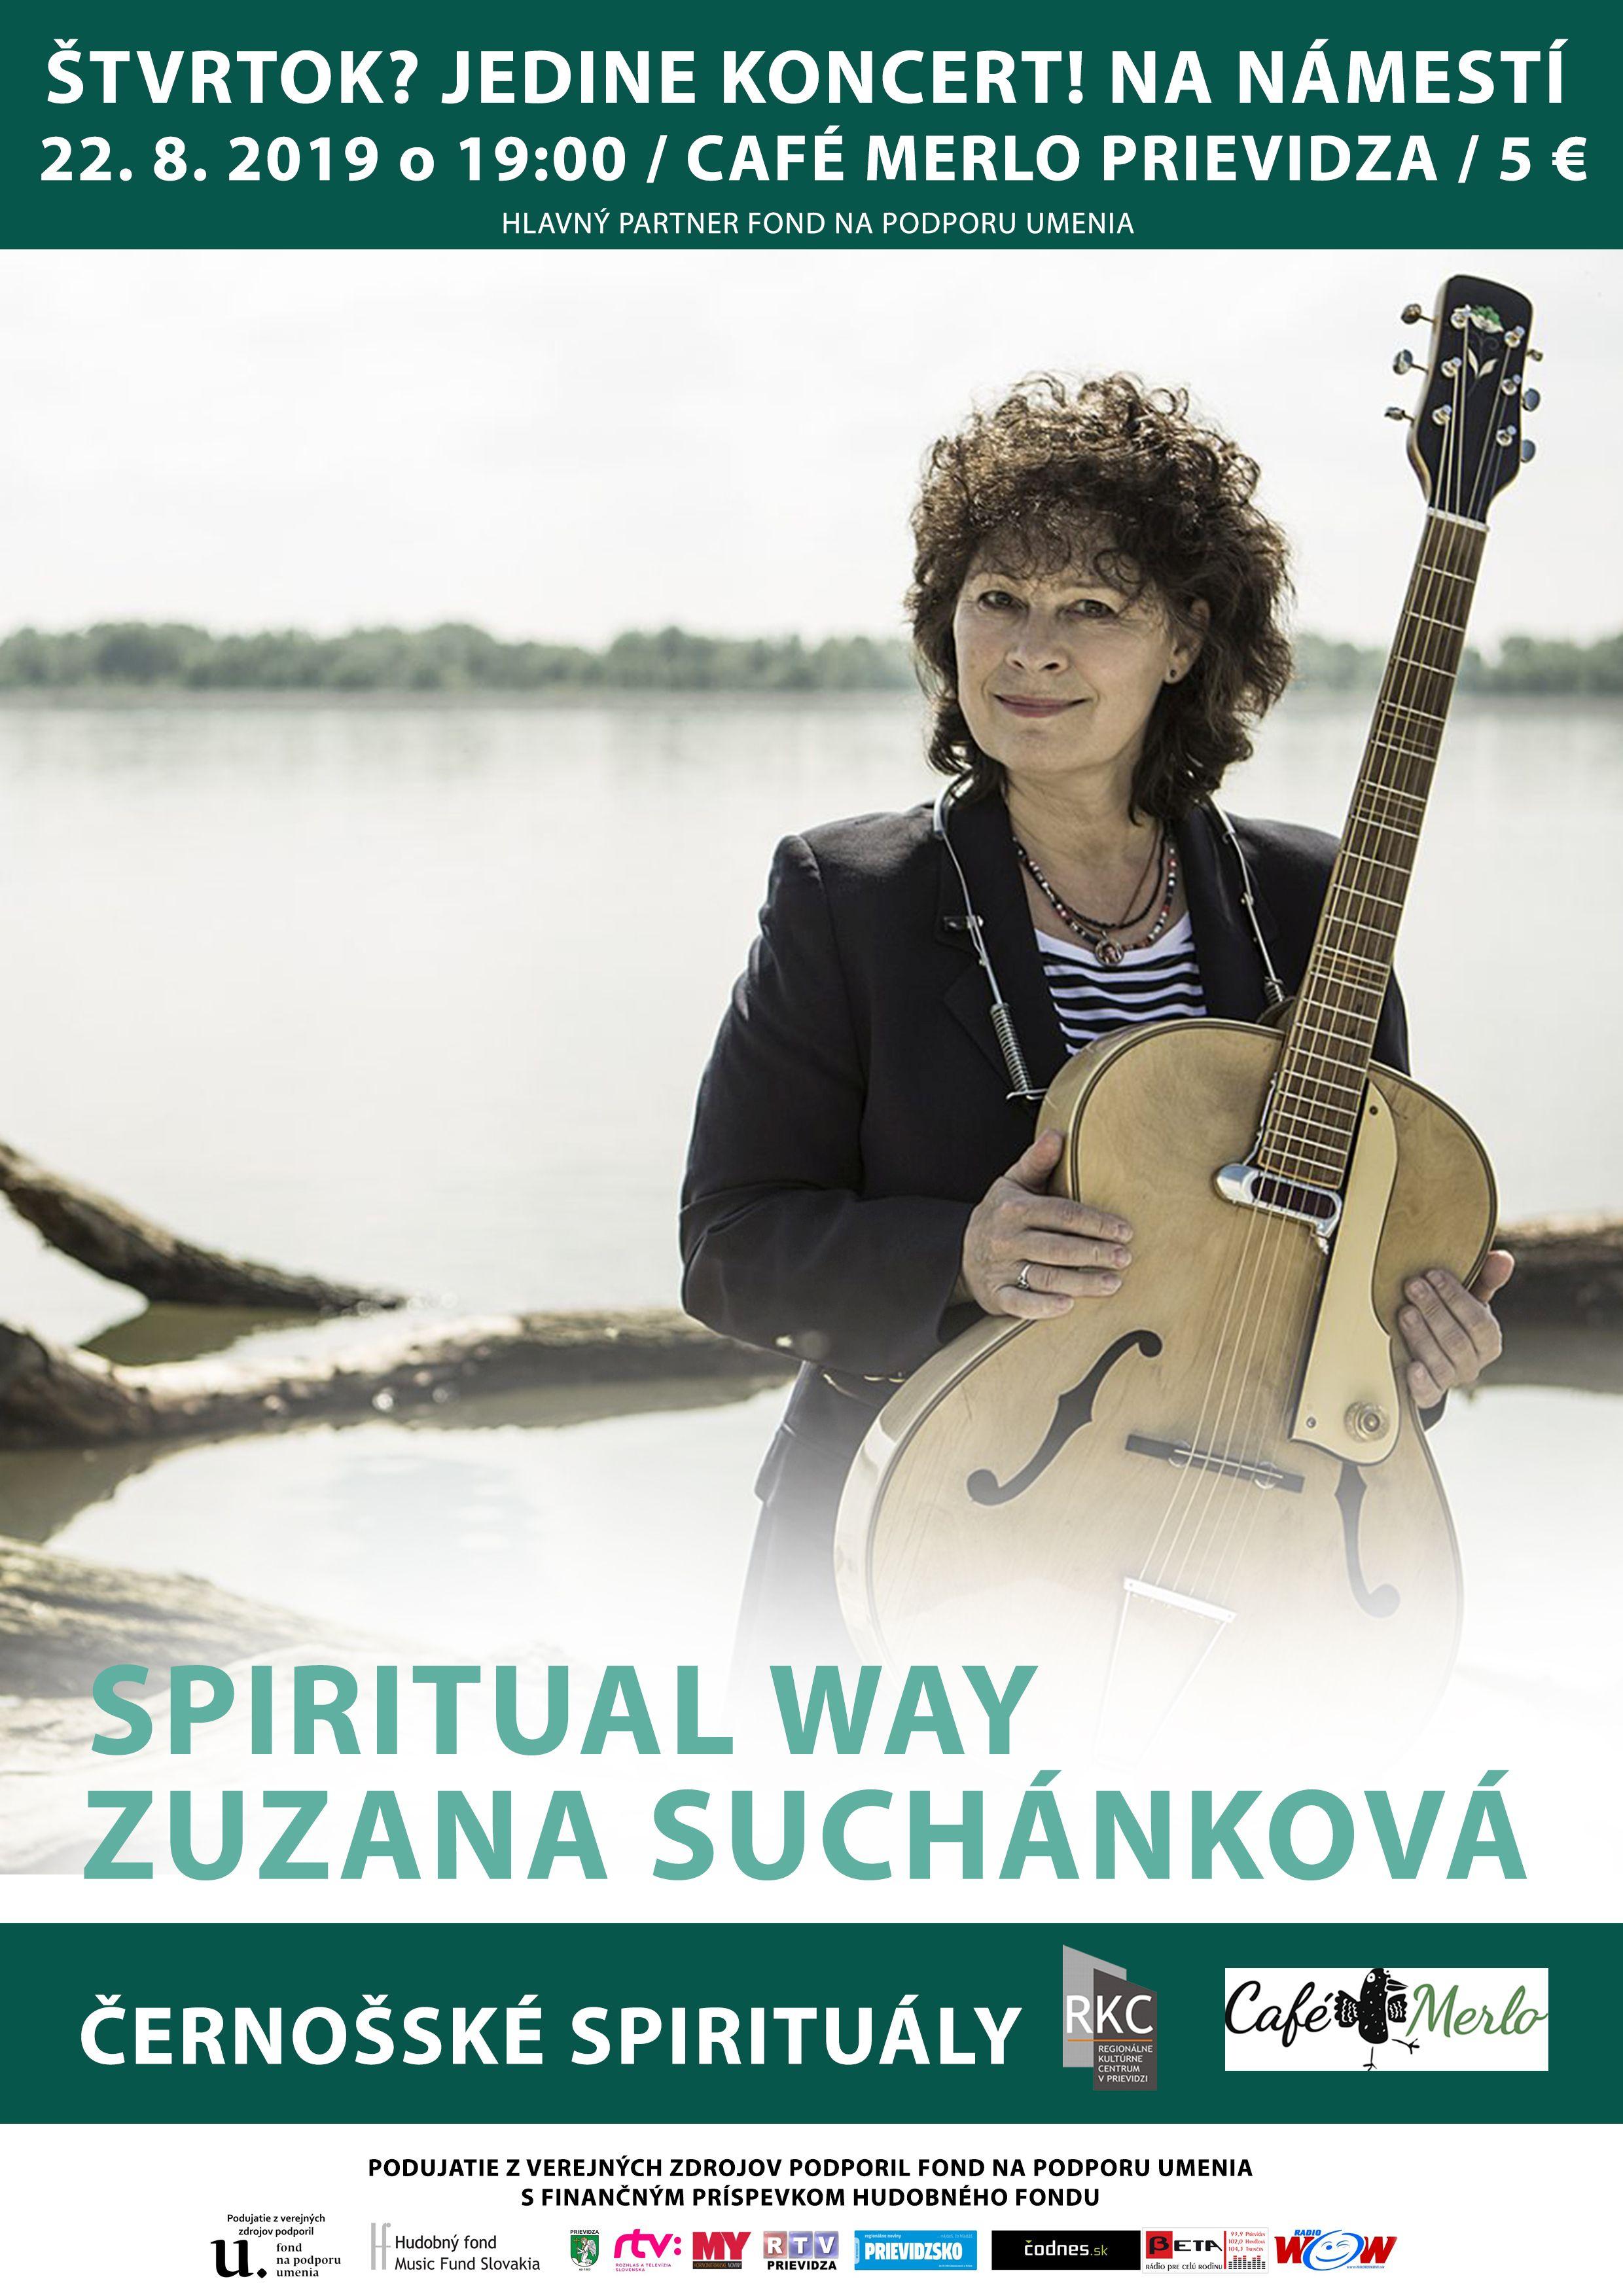 Štvrtok? Jedine koncert! Na námestí: SPIRITUAL WAY Zuzana Suchánková